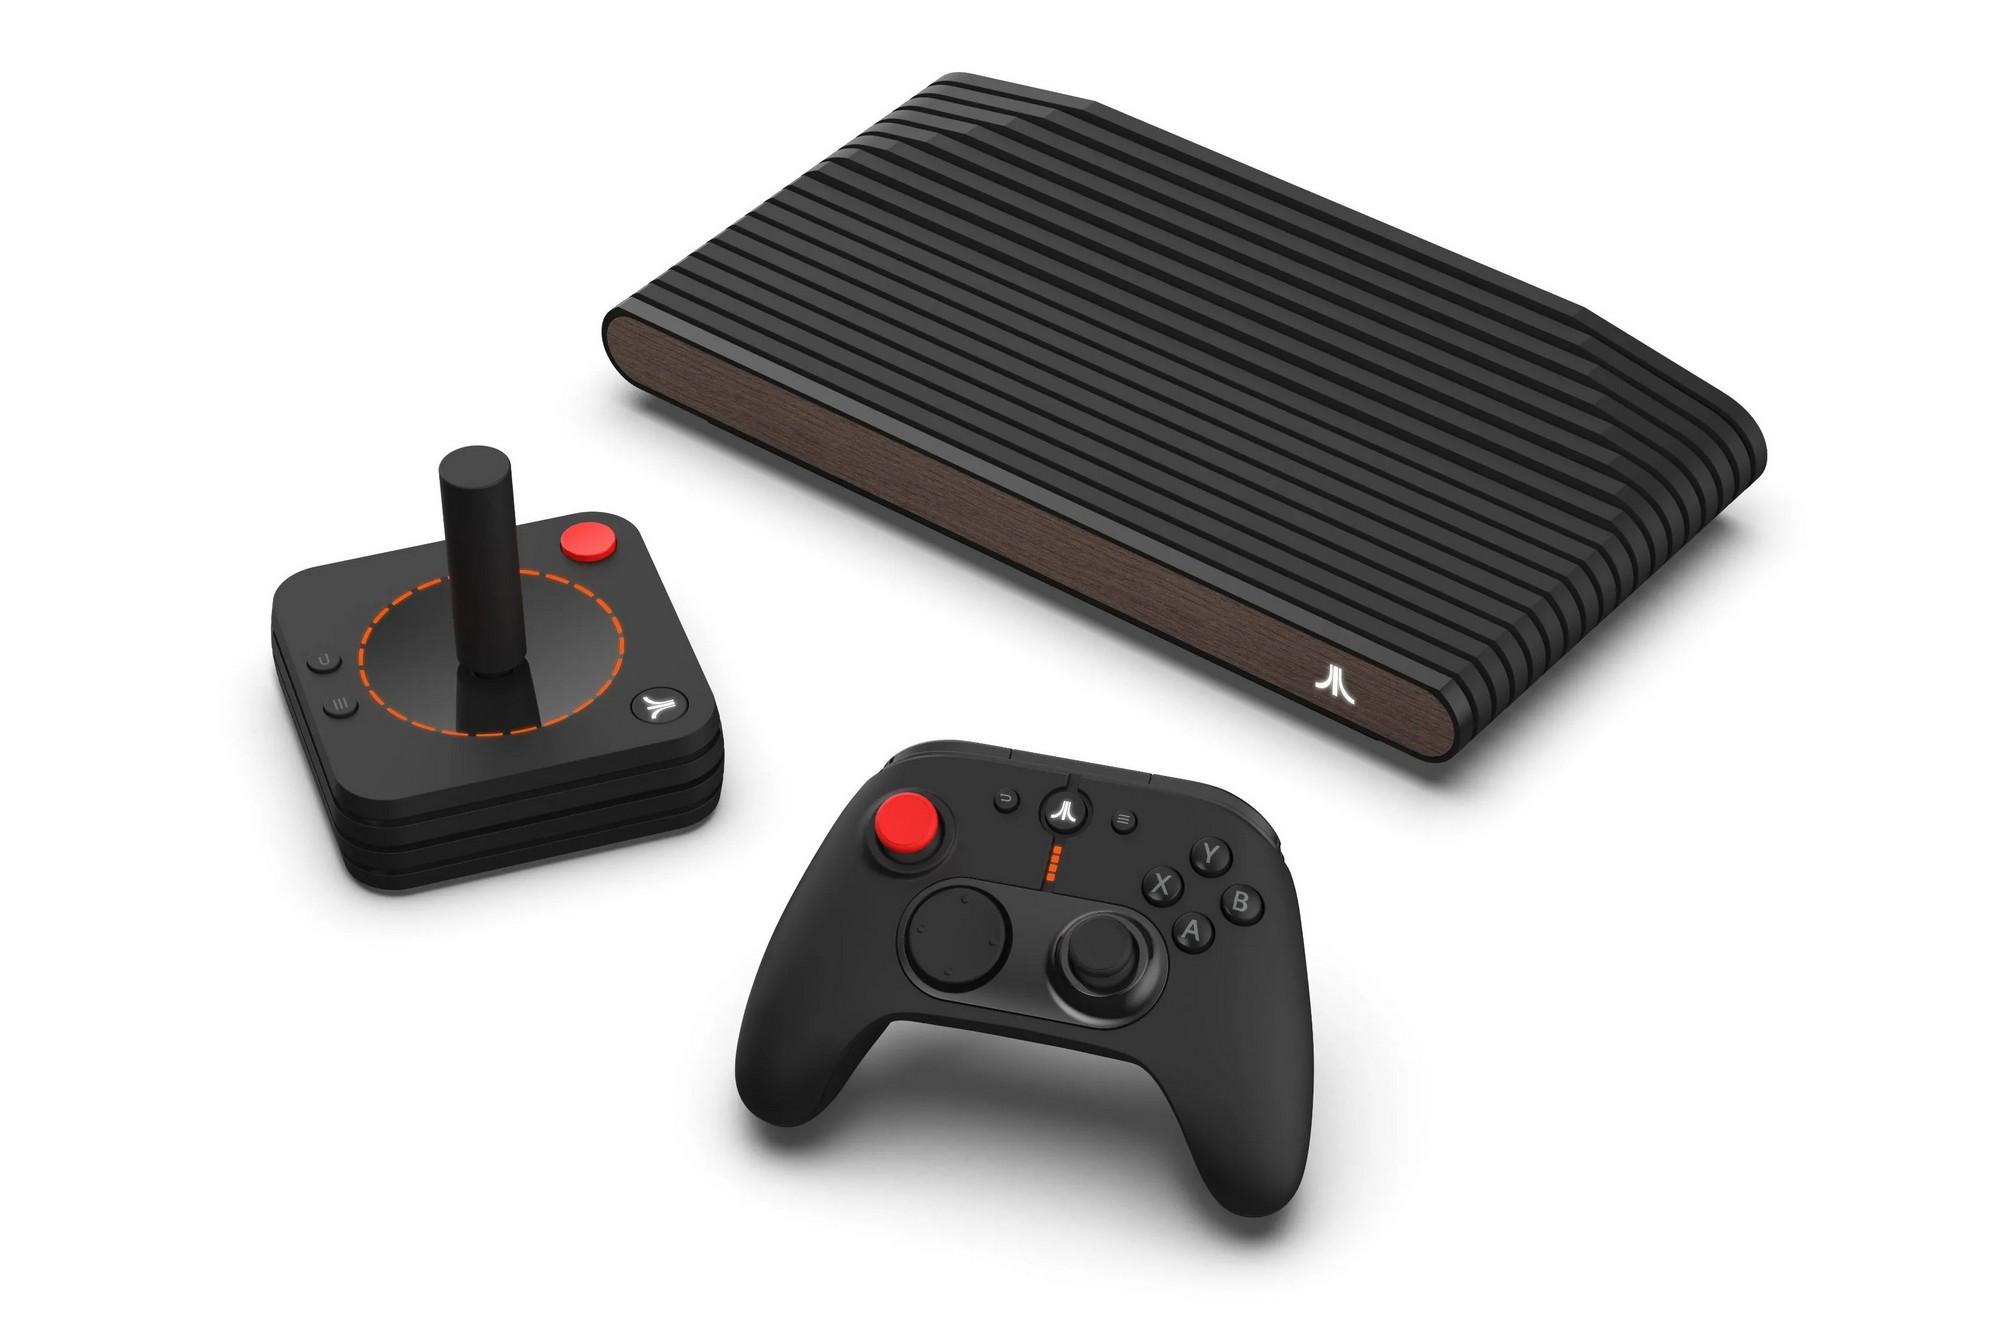 Анонсированная еще в 2017 году ретро-консоль Atari VCS наконец появилась в свободной продаже по цене от $300 - ITC.ua